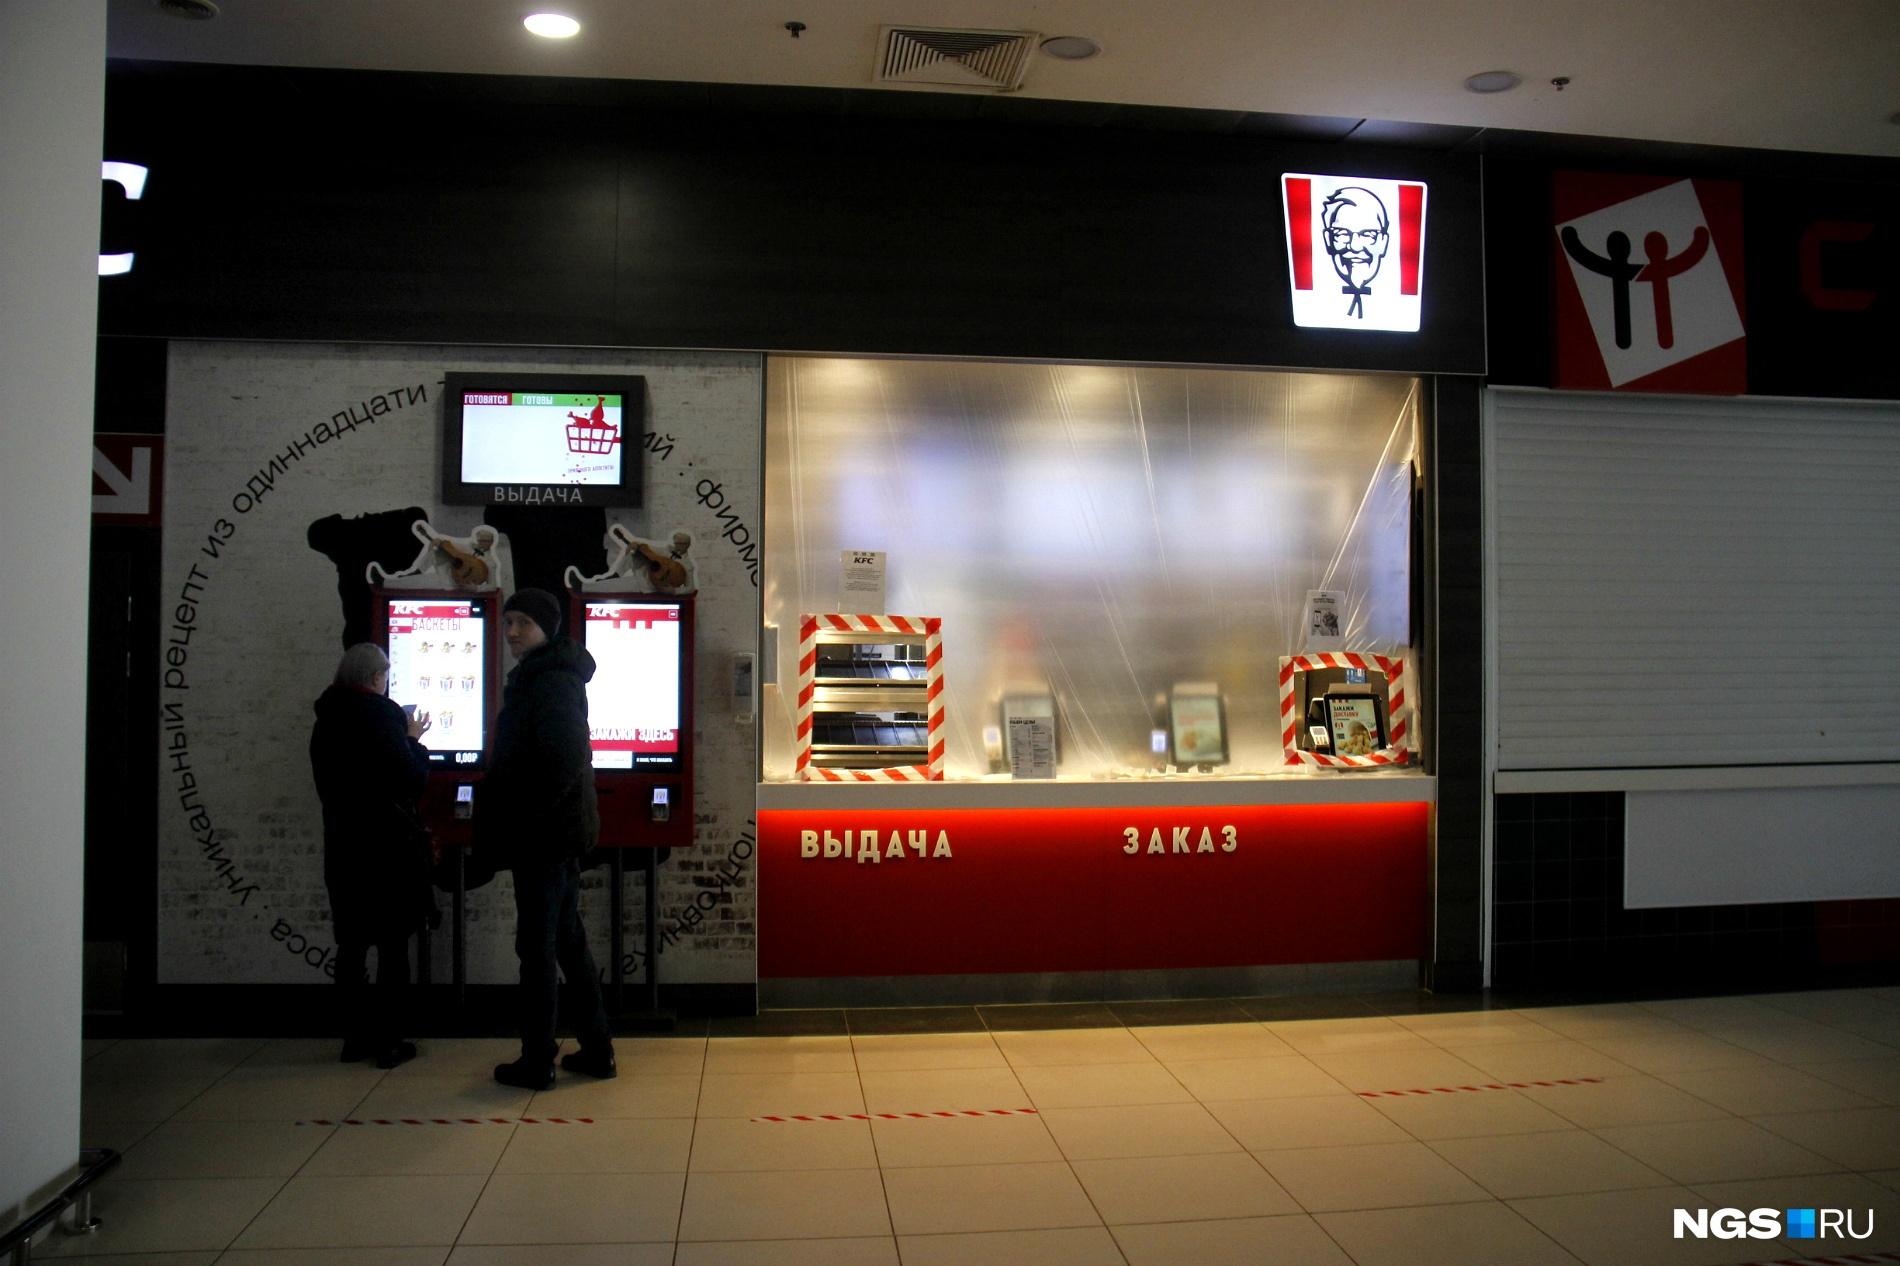 Мастер-класс от сети KFC по работе во время эпидемии